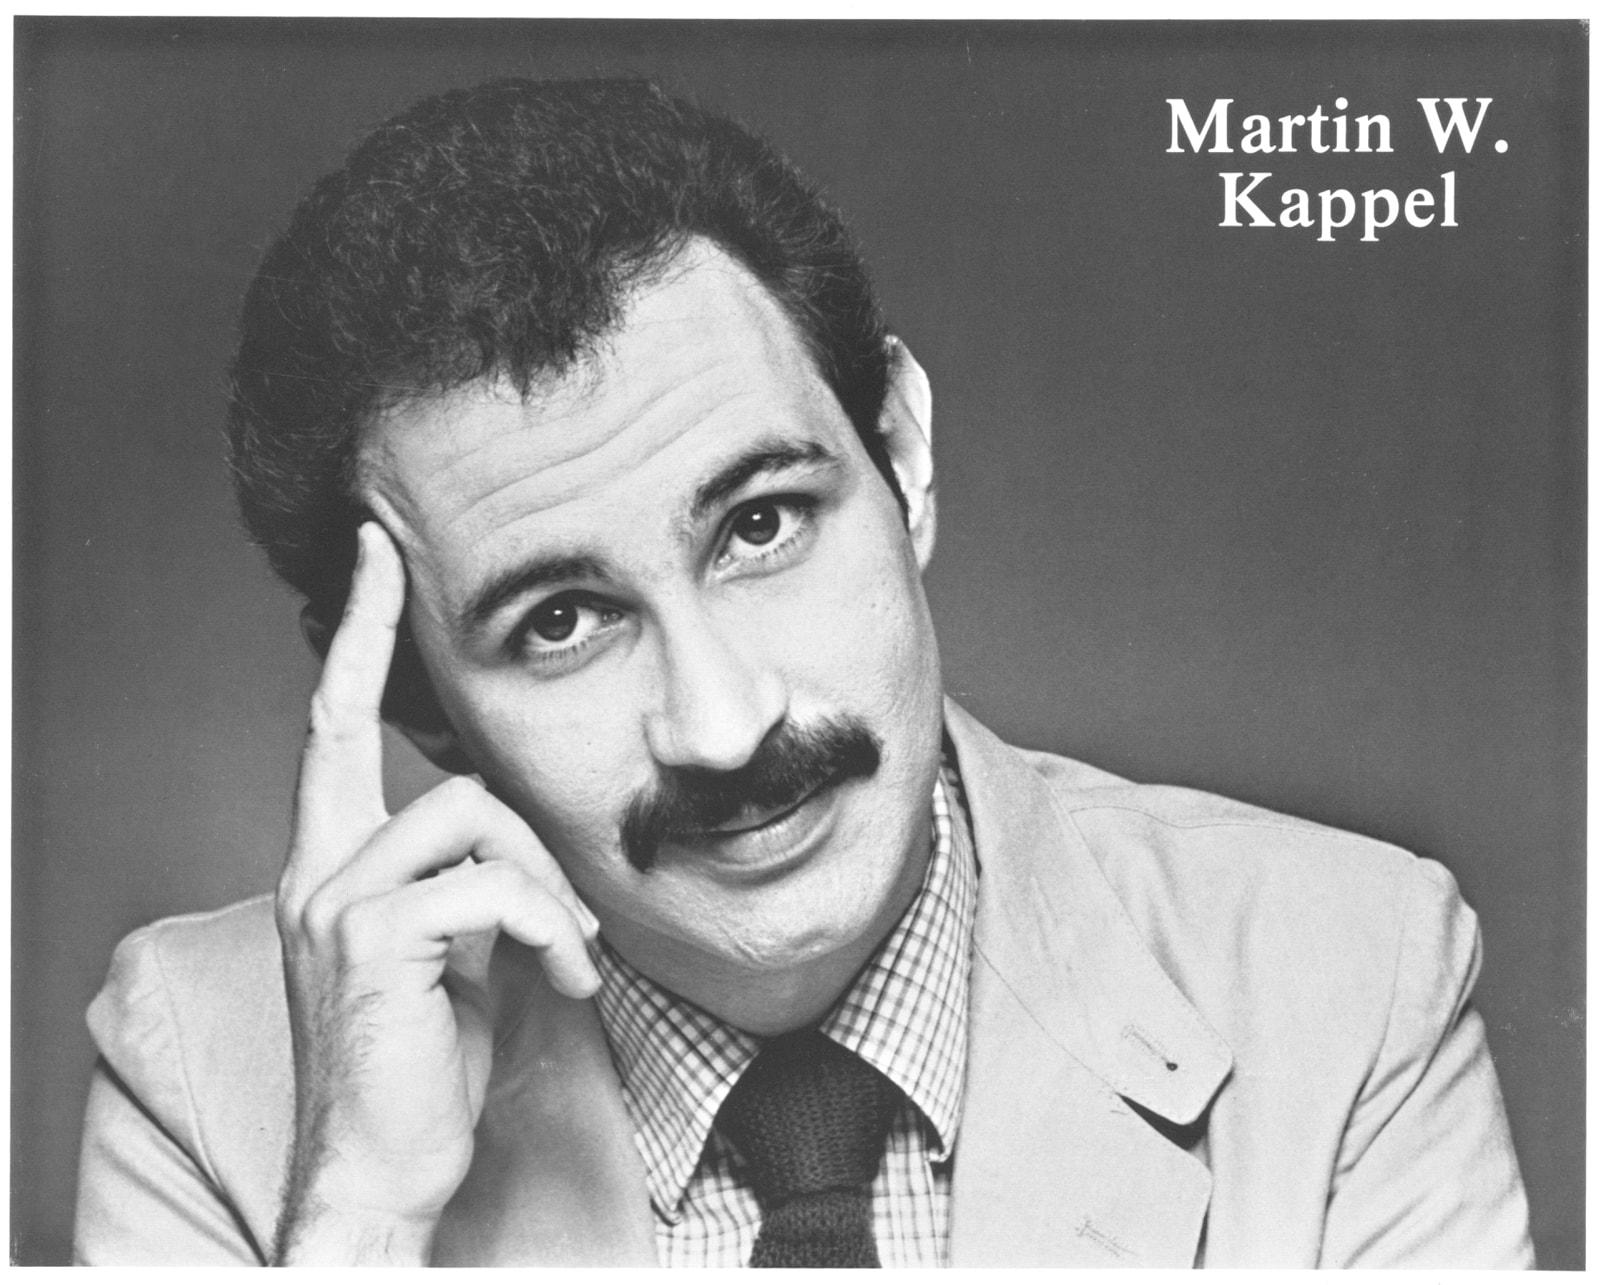 Martin W. Kappel